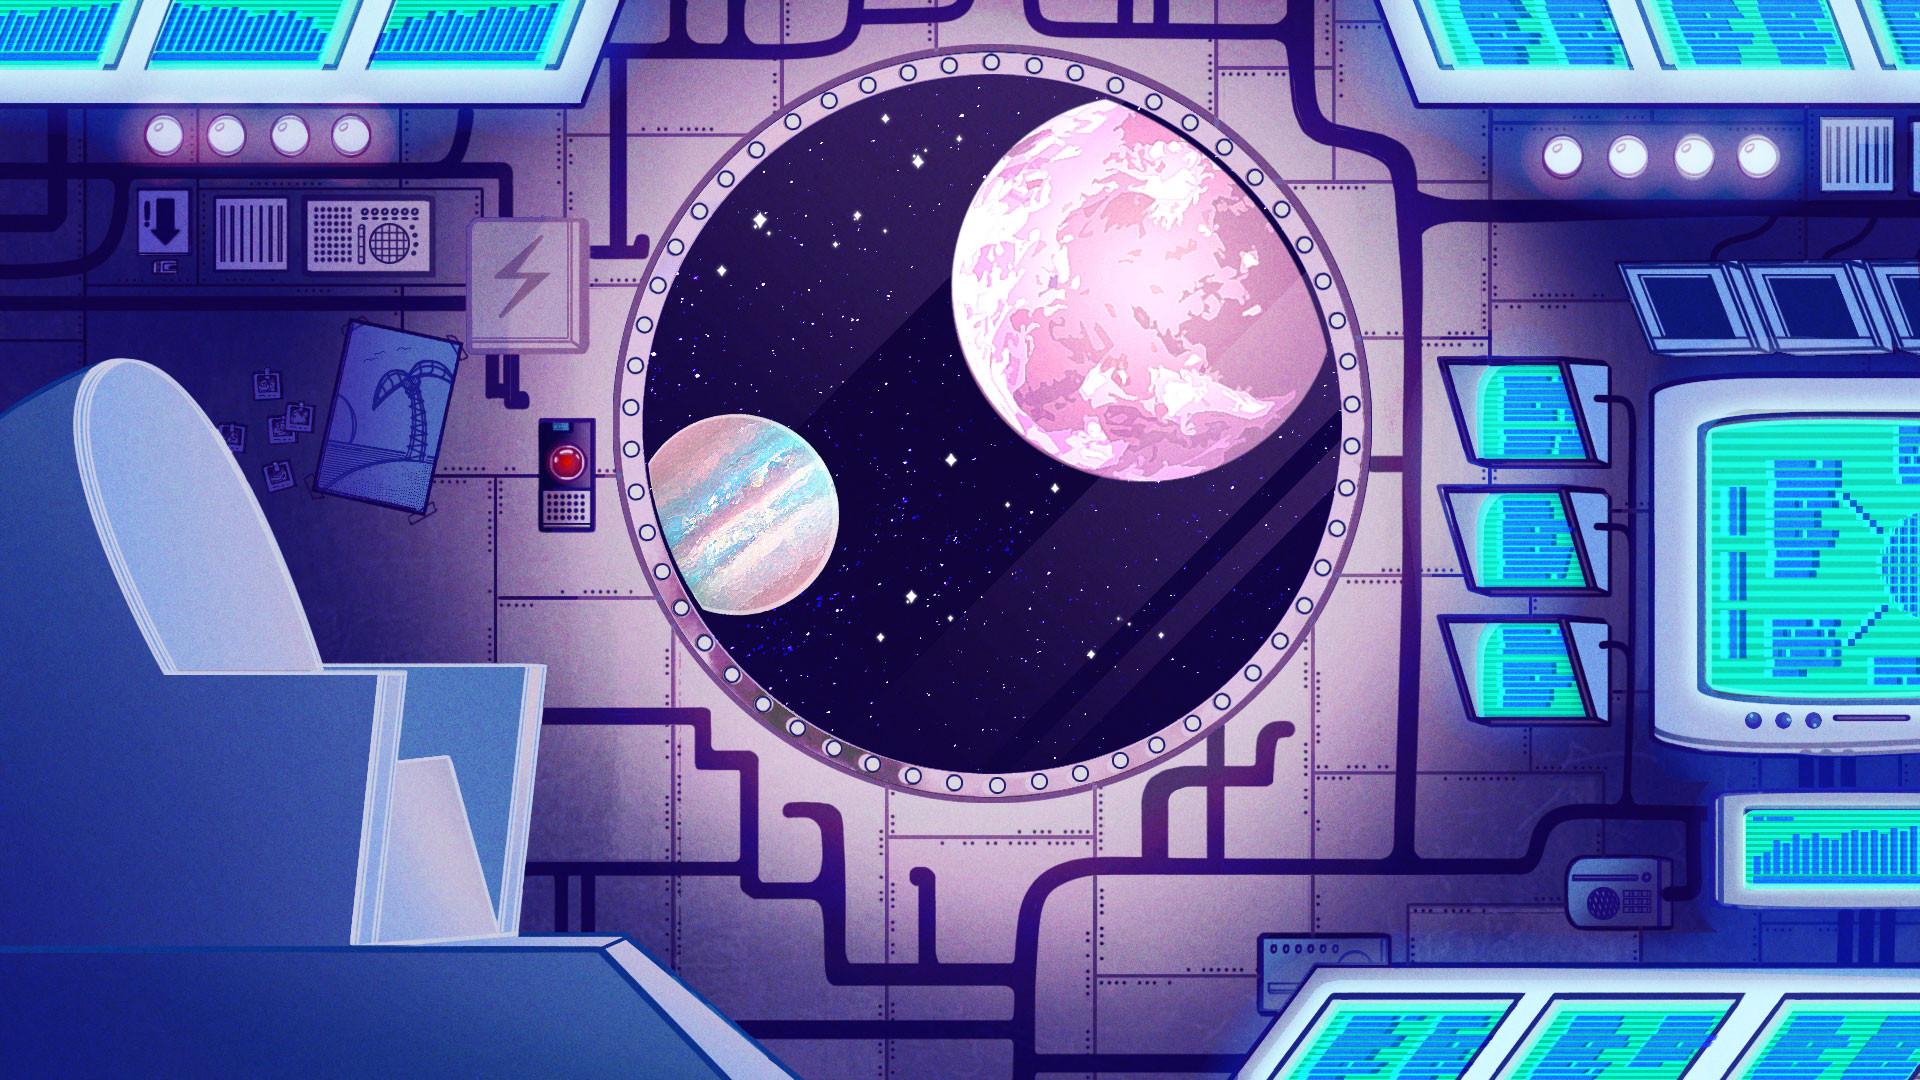 Spaceship Layout